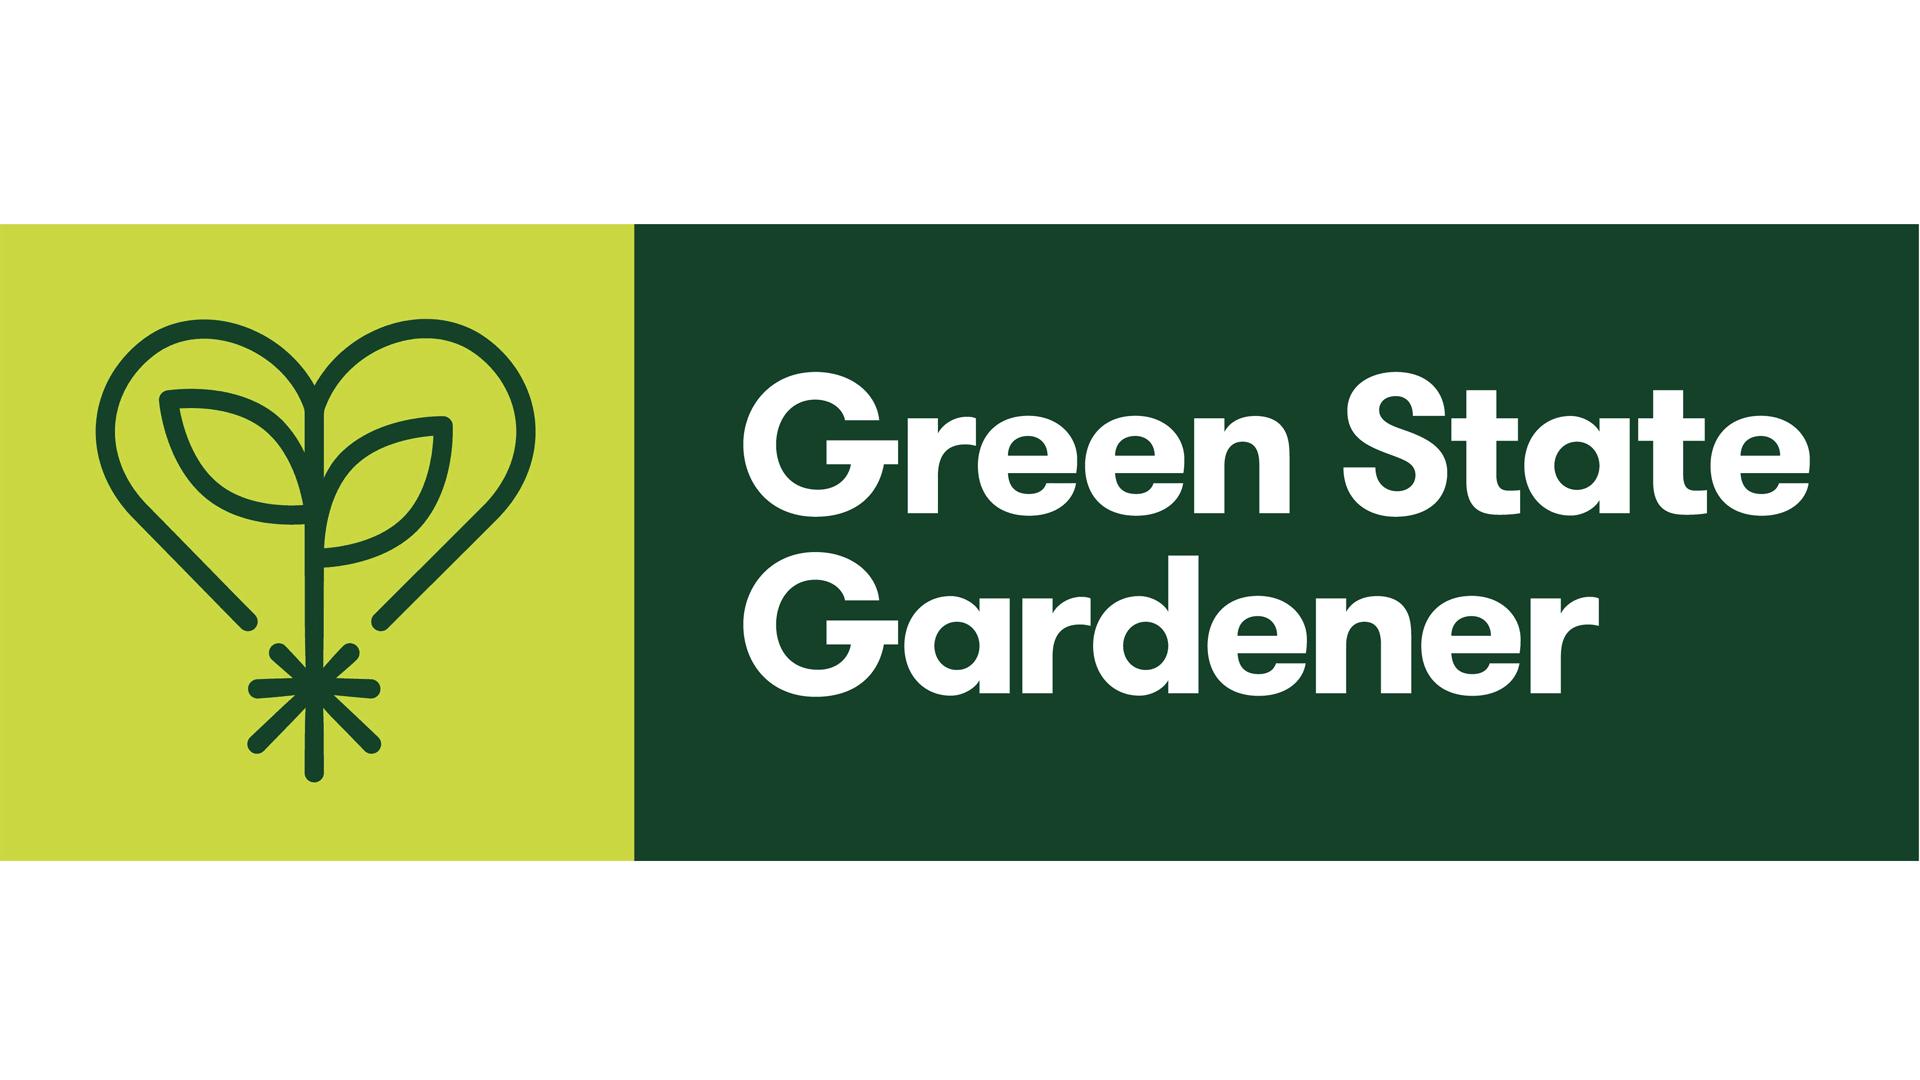 Green State Gardener